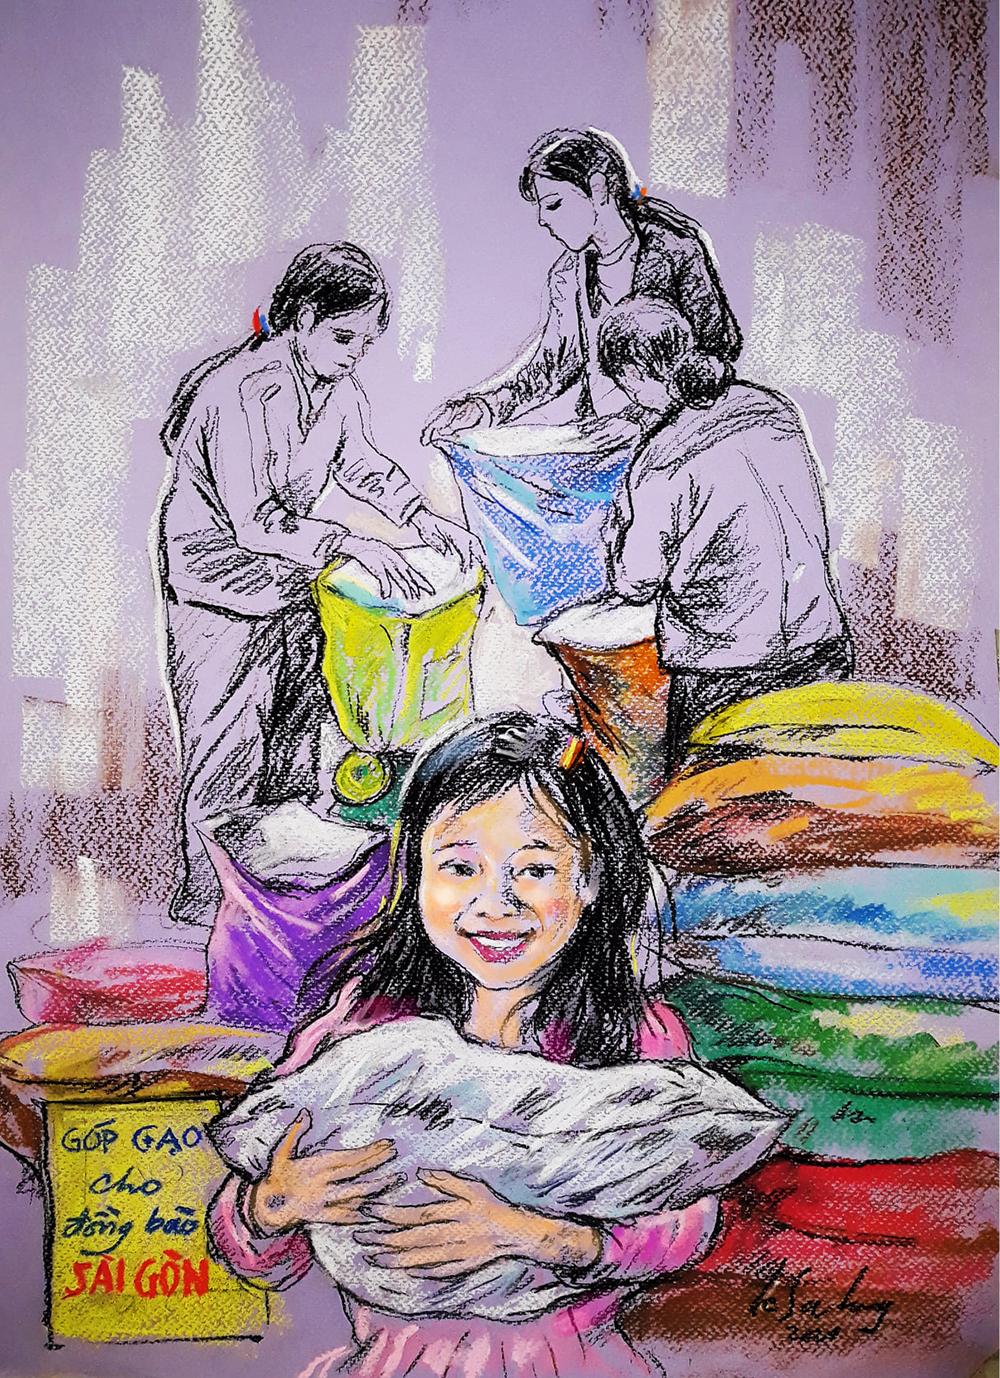 Anh vẽ cảnh người dân miền Trung đong gạo gửi về Sài Gòn. Cô bé trong tranh cười rạng rỡ, nói: Các má, các ngoại ơi, cho con góp gạo tặng các bạn với.